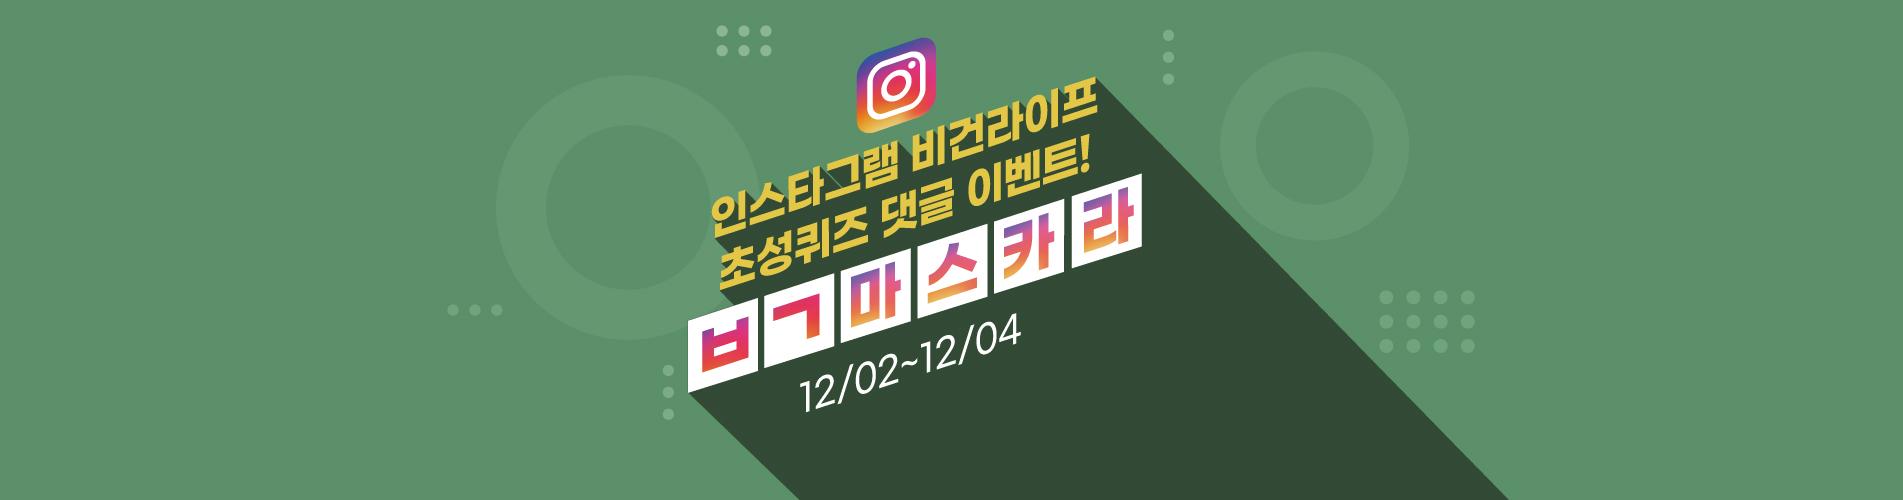 메인배너3-인스타그램 초성퀴즈 해시태그 댓글 이벤트(12/02~12/04)